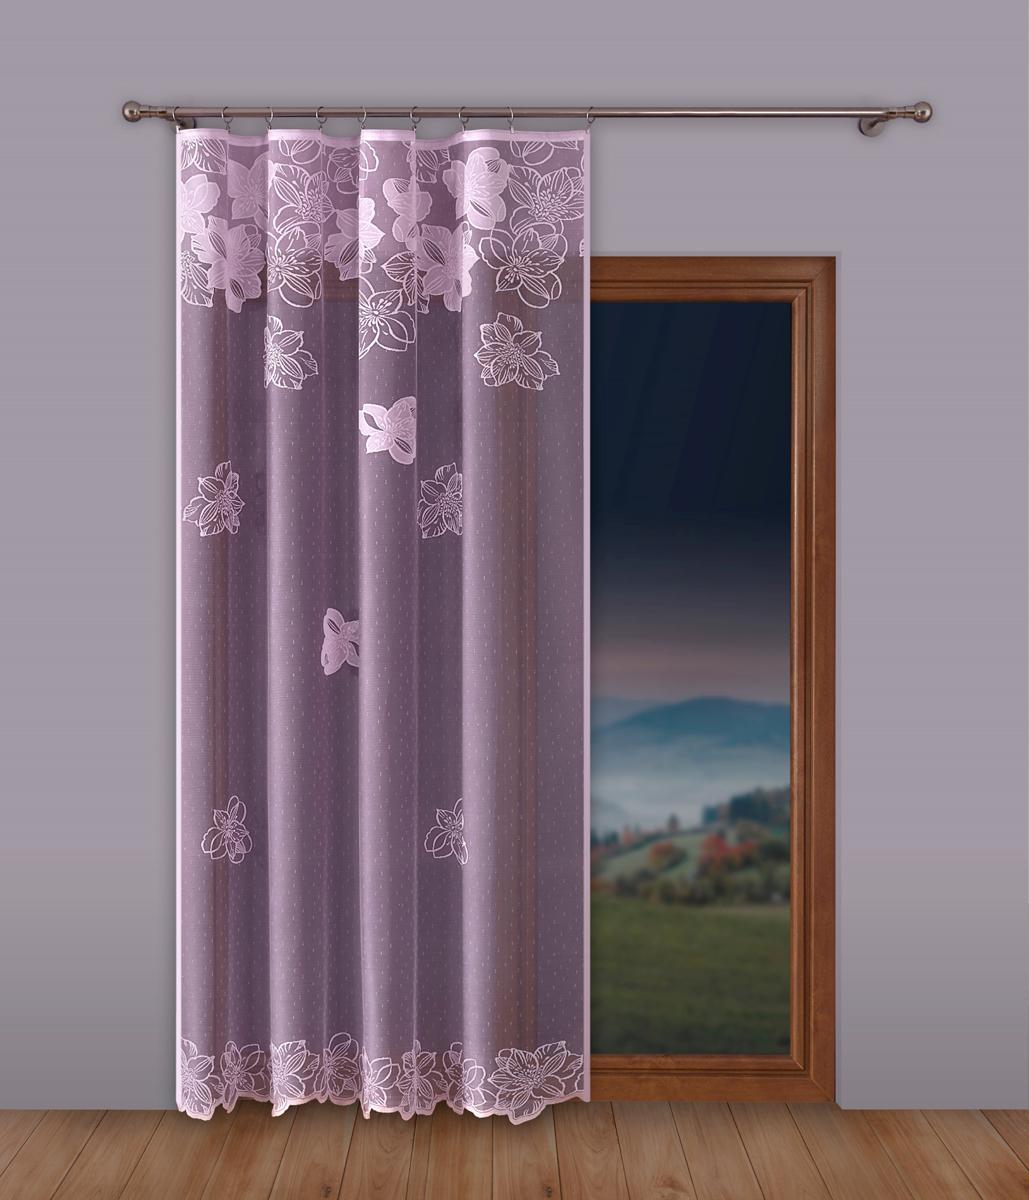 """Тюль """"P Primavera Firany"""", на ленте, цвет: сиреневый, высота 250 см, ширина 500 см. 1110358"""